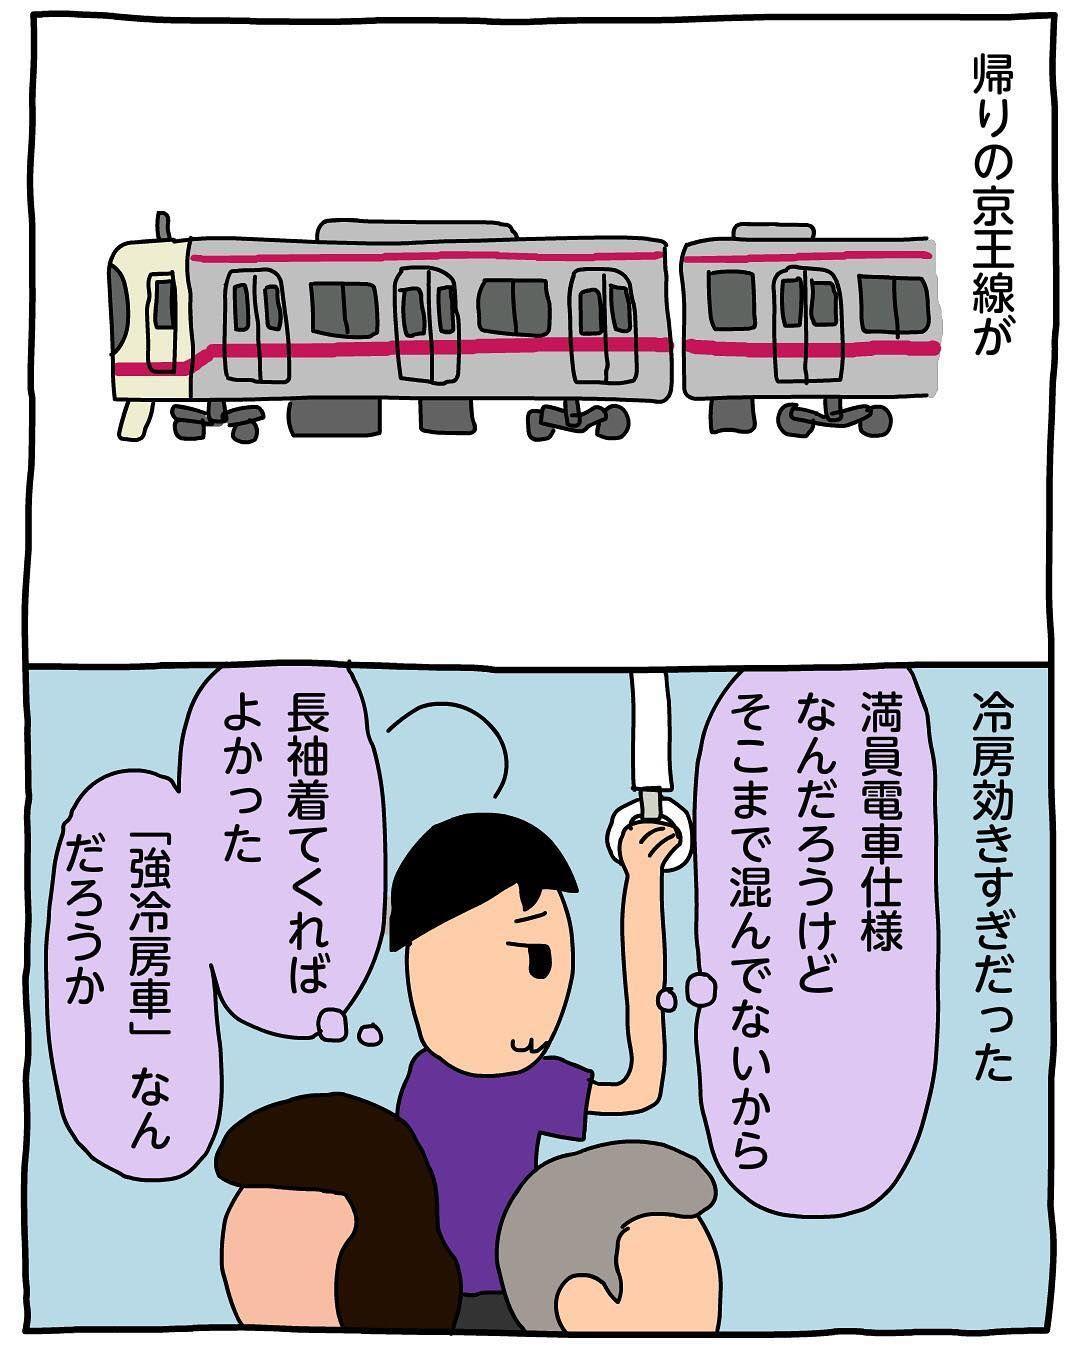 帰りの京王線が冷房効きすぎでした 昨日のハイライト 絵日記 絵日記